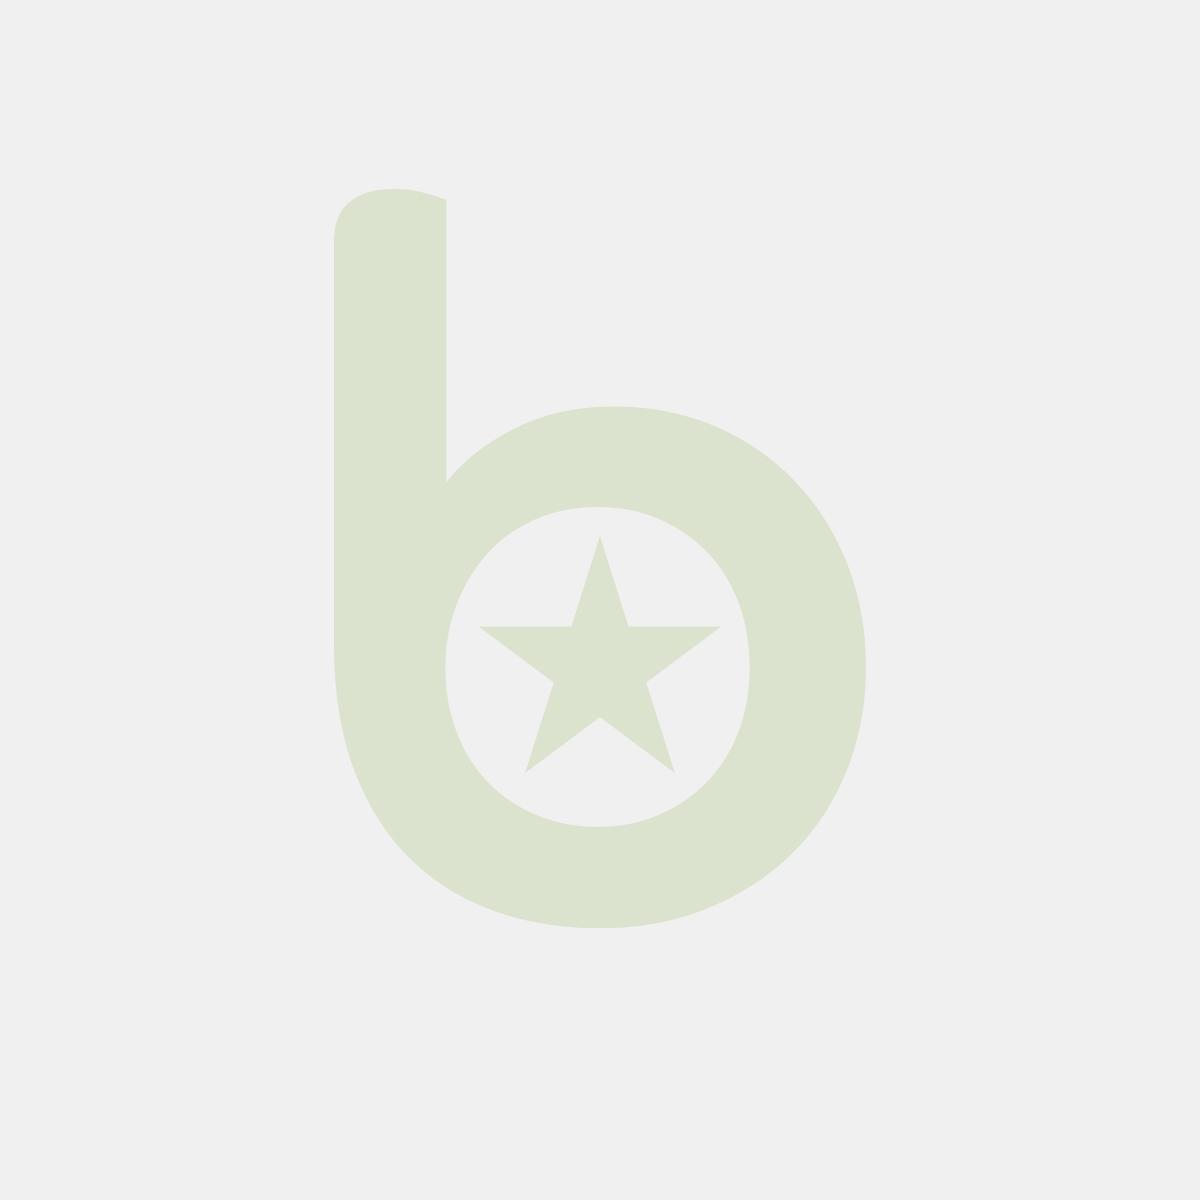 FINGERFOOD - mini łyżeczka PS transparentna dł.9,7cm op. 50 sztuk